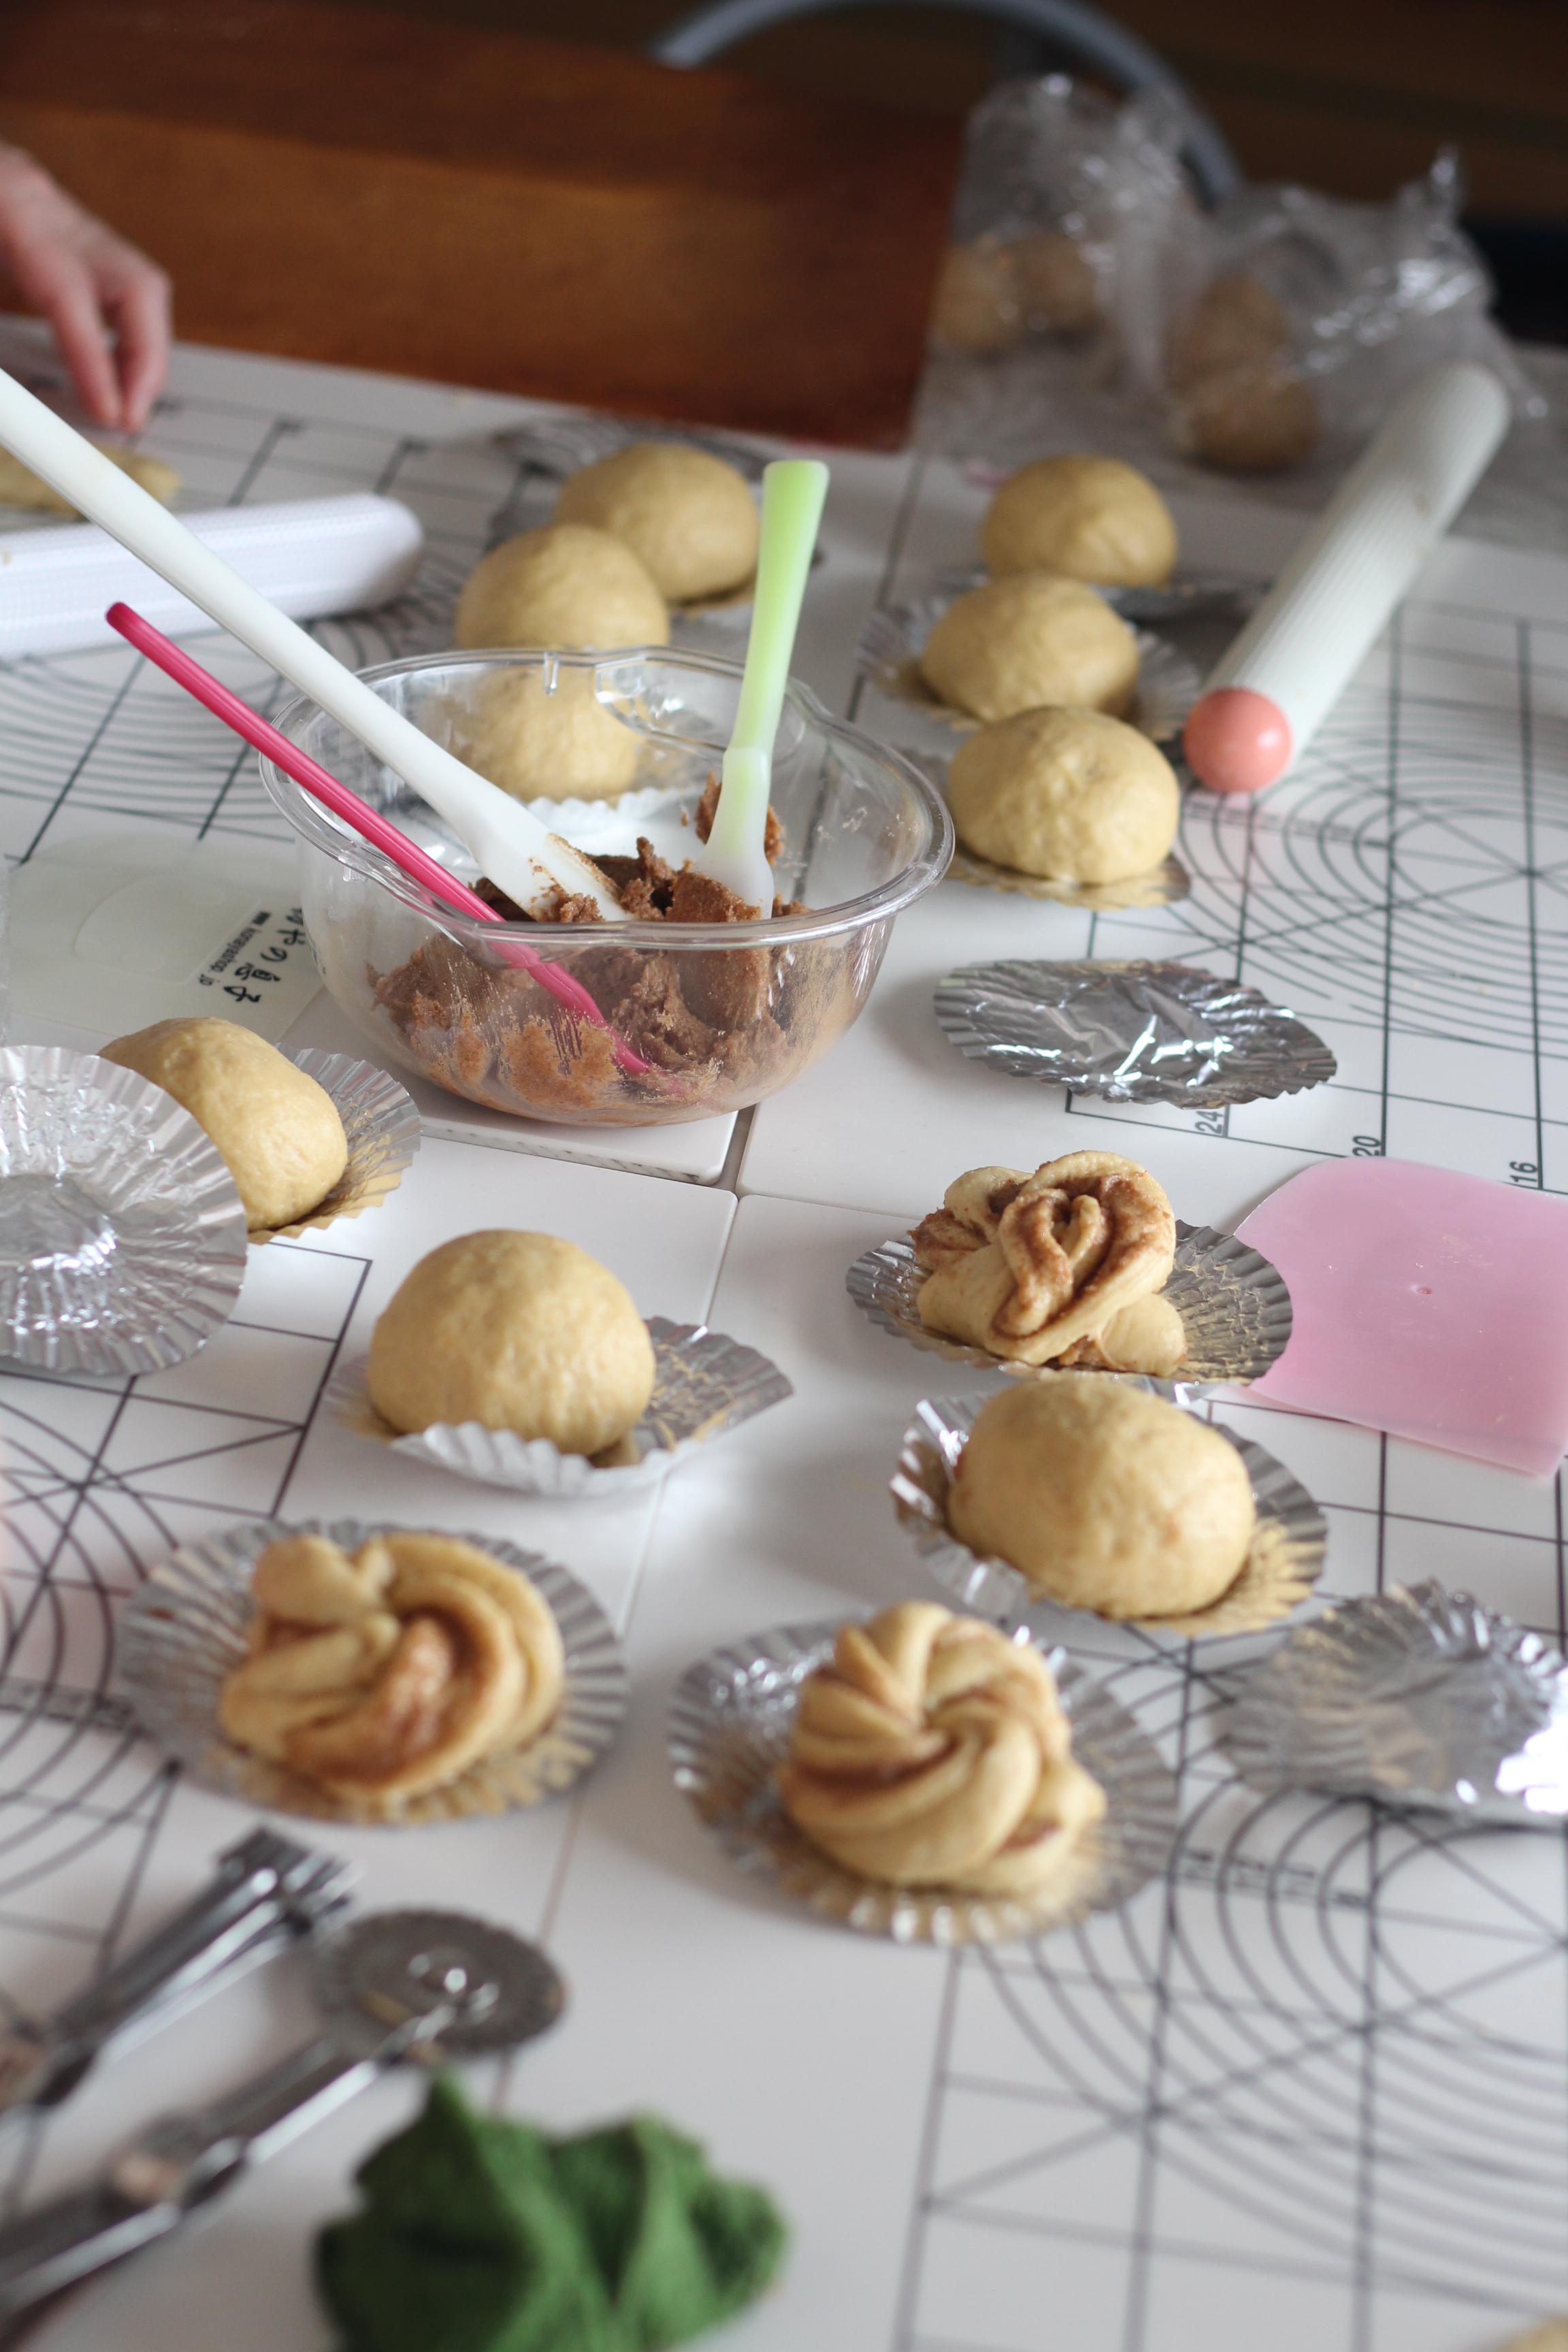 a-ta-sante糖質制限パン料理教室、阿倍野区西田辺。京都江部粉ベーシックコース3回目。